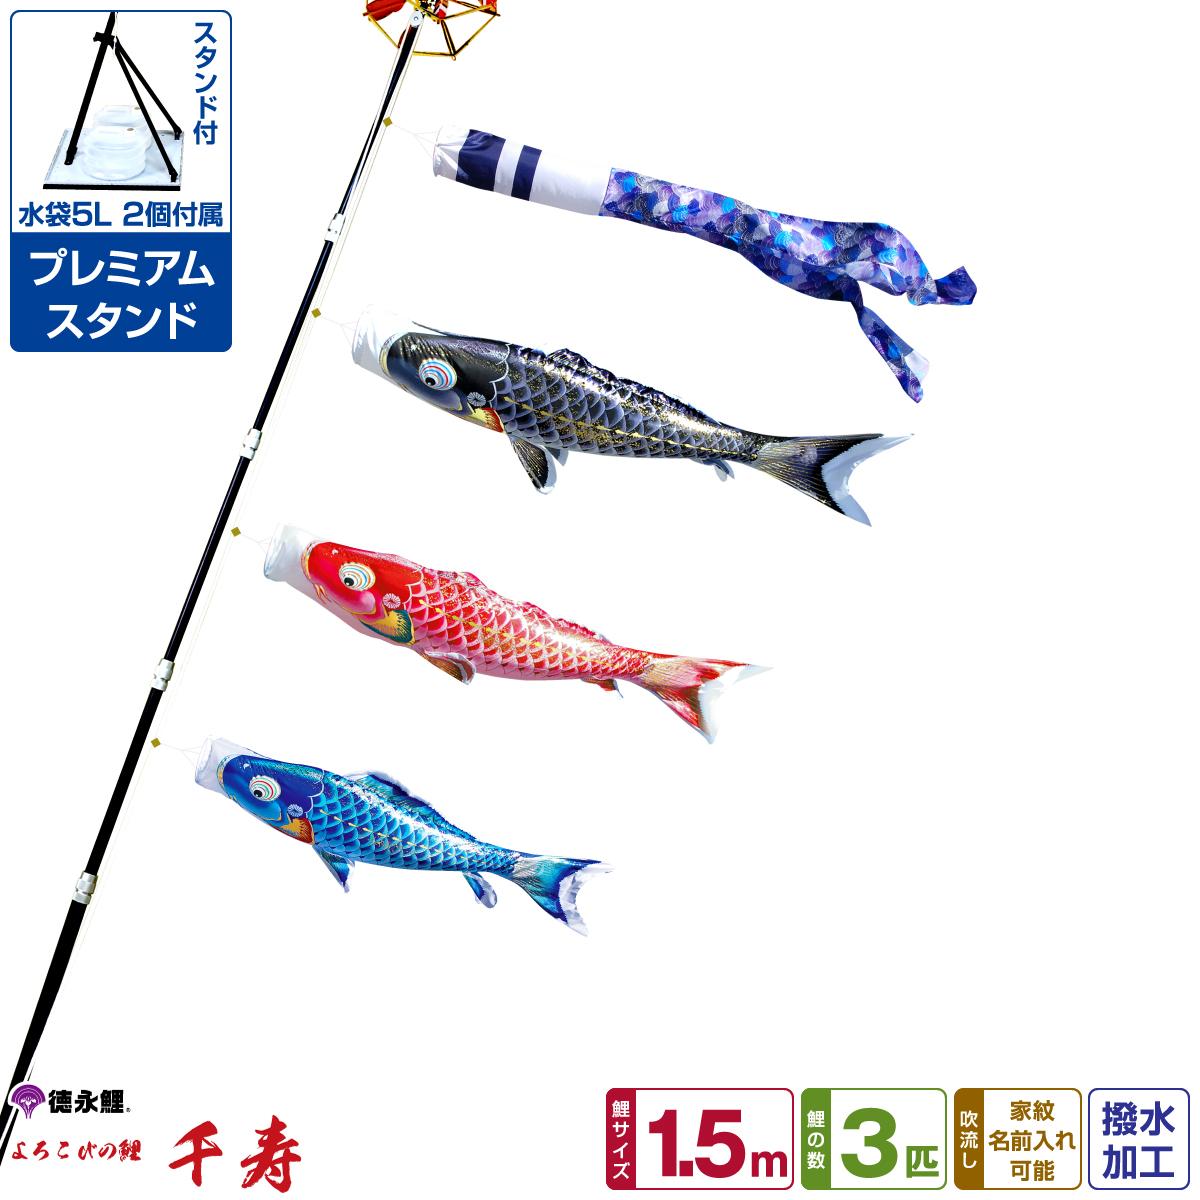 徳永鯉のぼり 千寿鯉 1.5m 6点セット プレミアムベランダスタンド 2019年初節句 端午の節句 こどもの日 こいのぼり